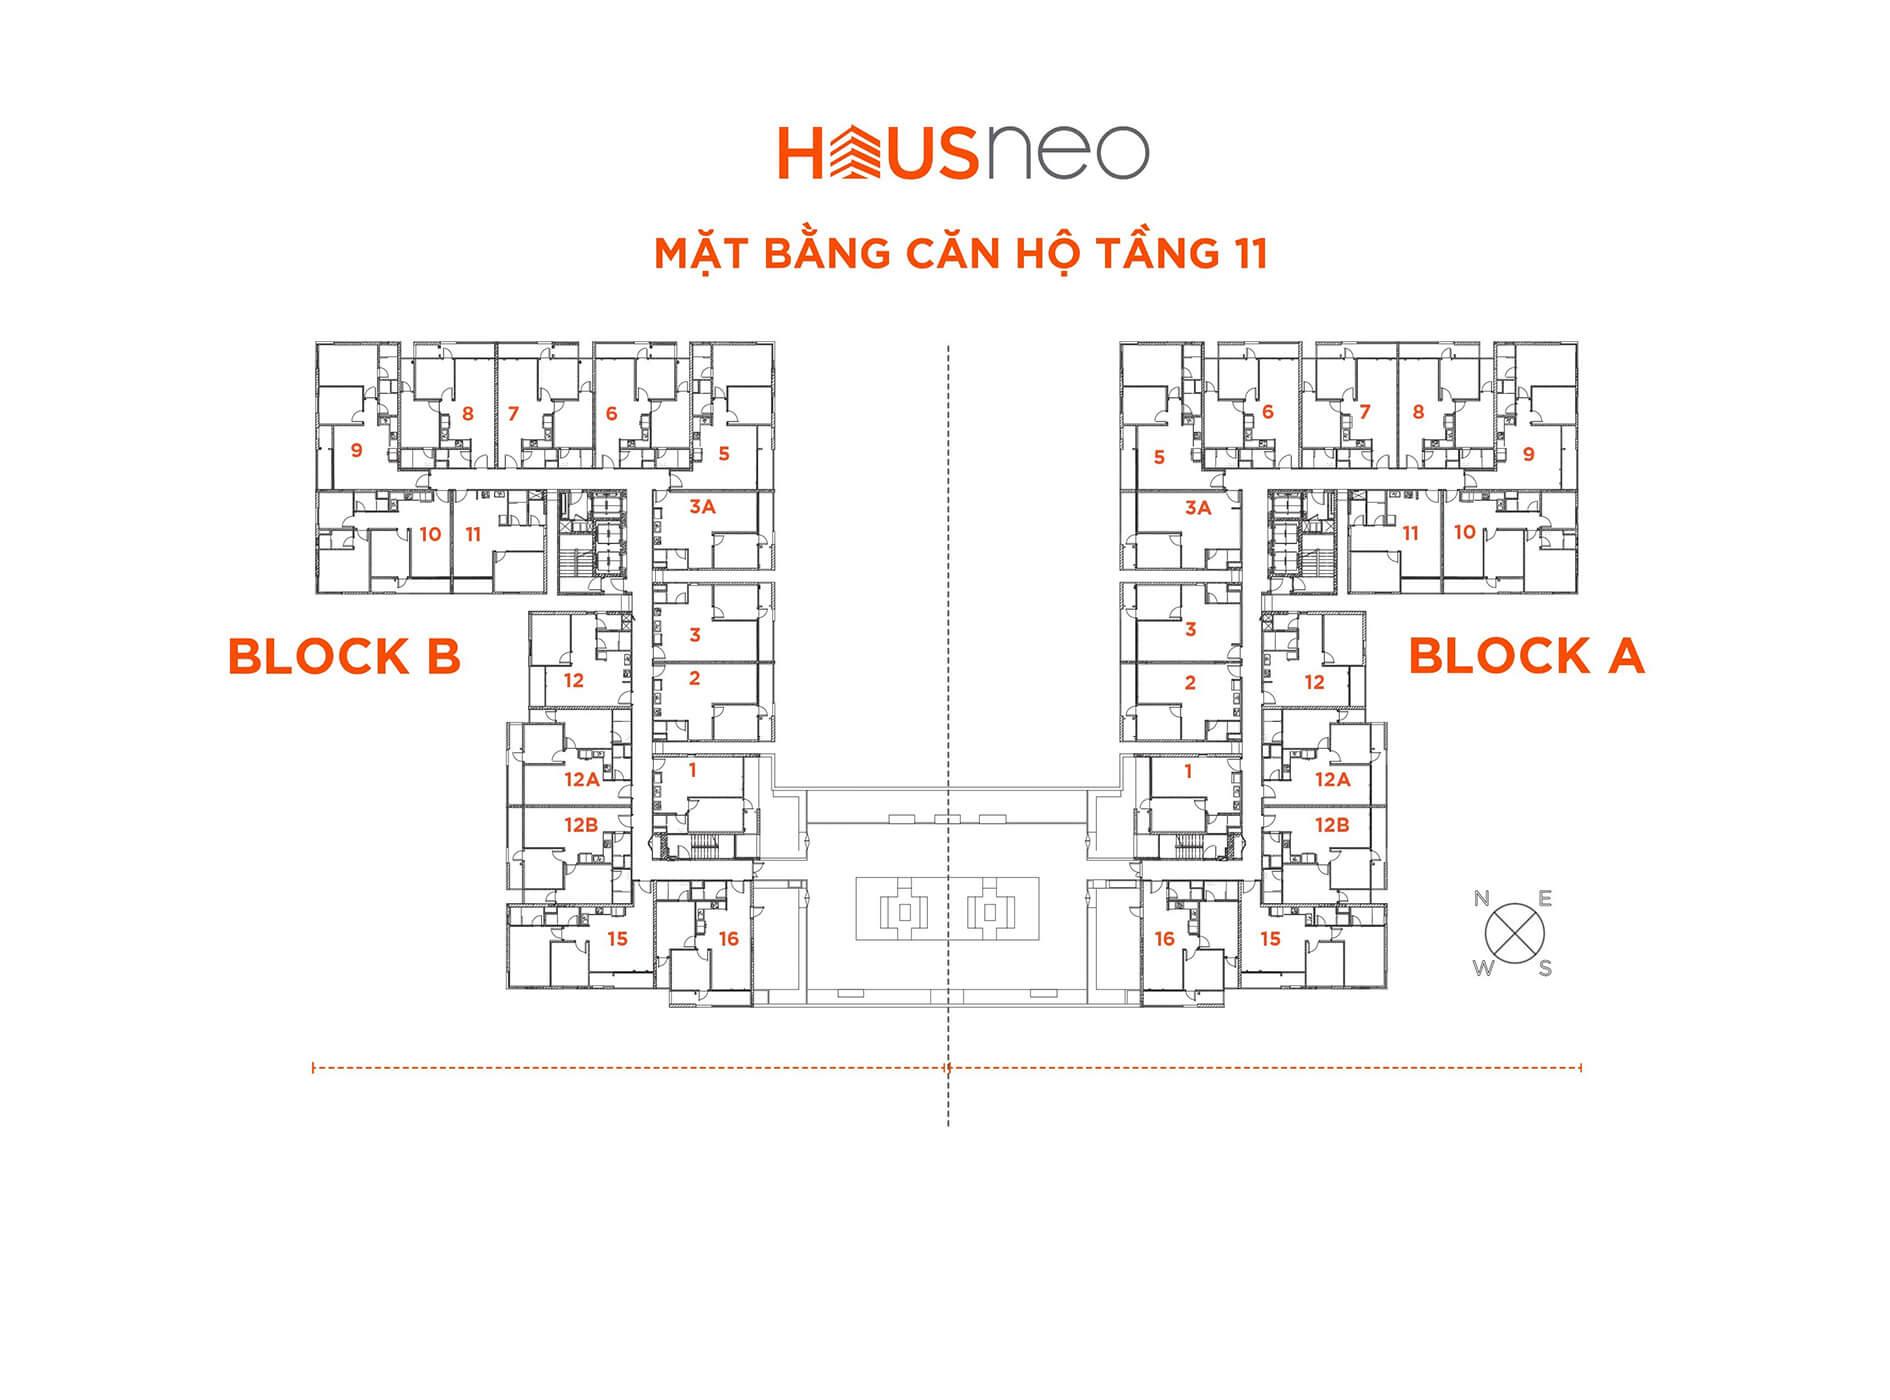 Mặt bằn căn hộ tầng 11 căn hộ Hausneo quận 9